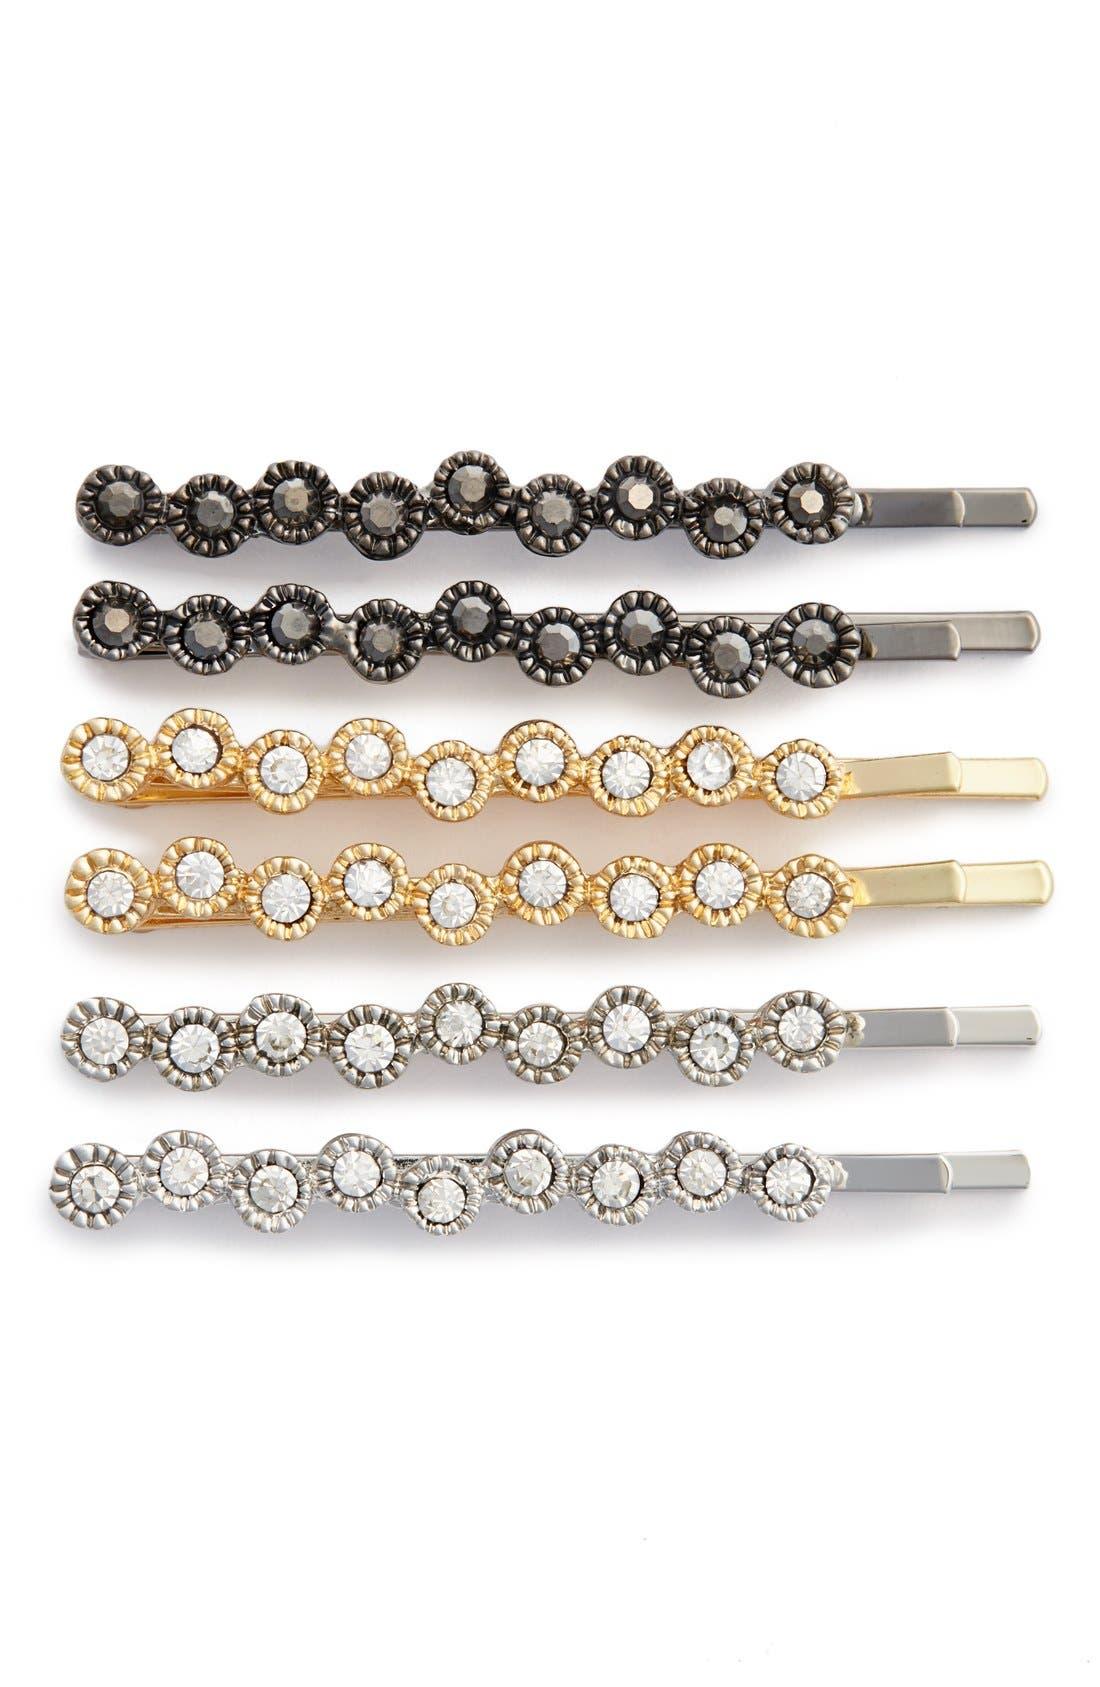 Main Image - Tasha 'Sparkle' Bobby Pins (6-Pack)